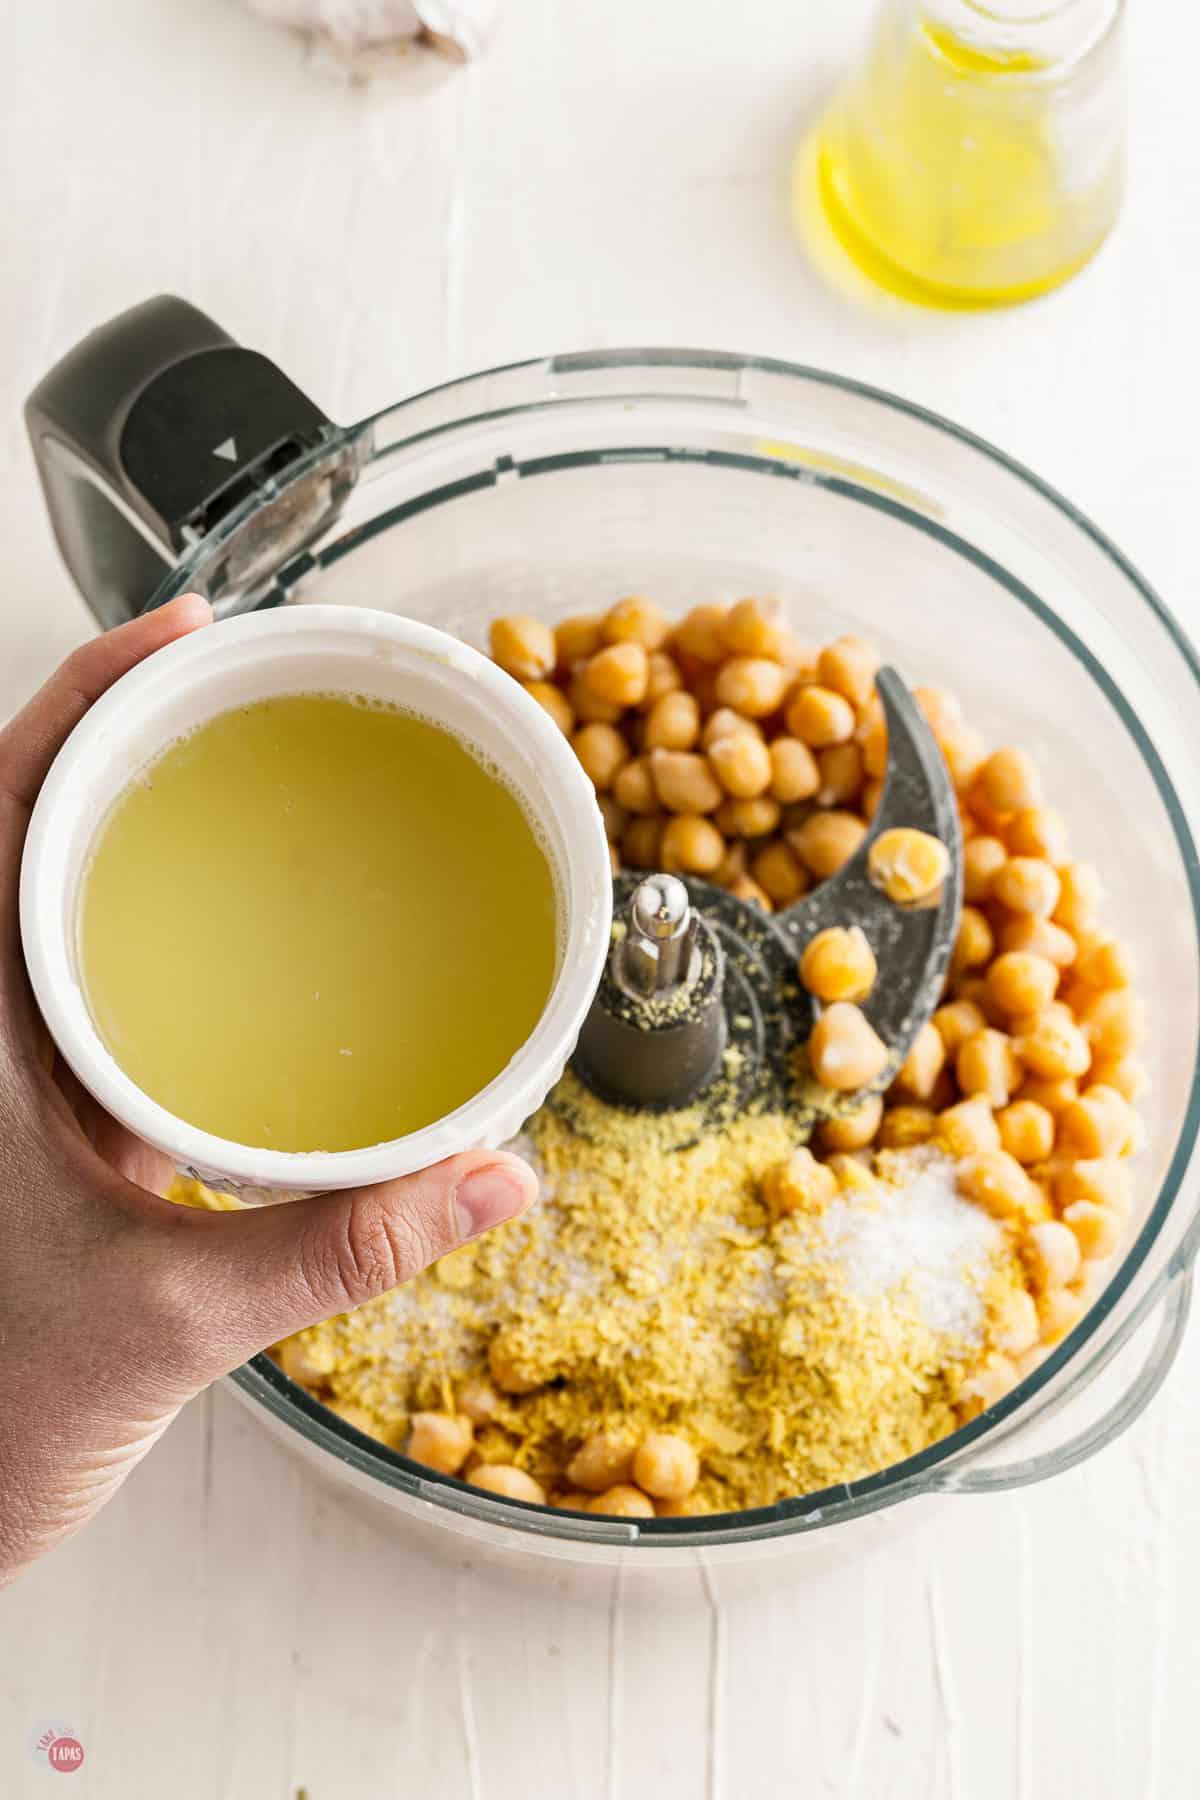 lemon juice in a food processor